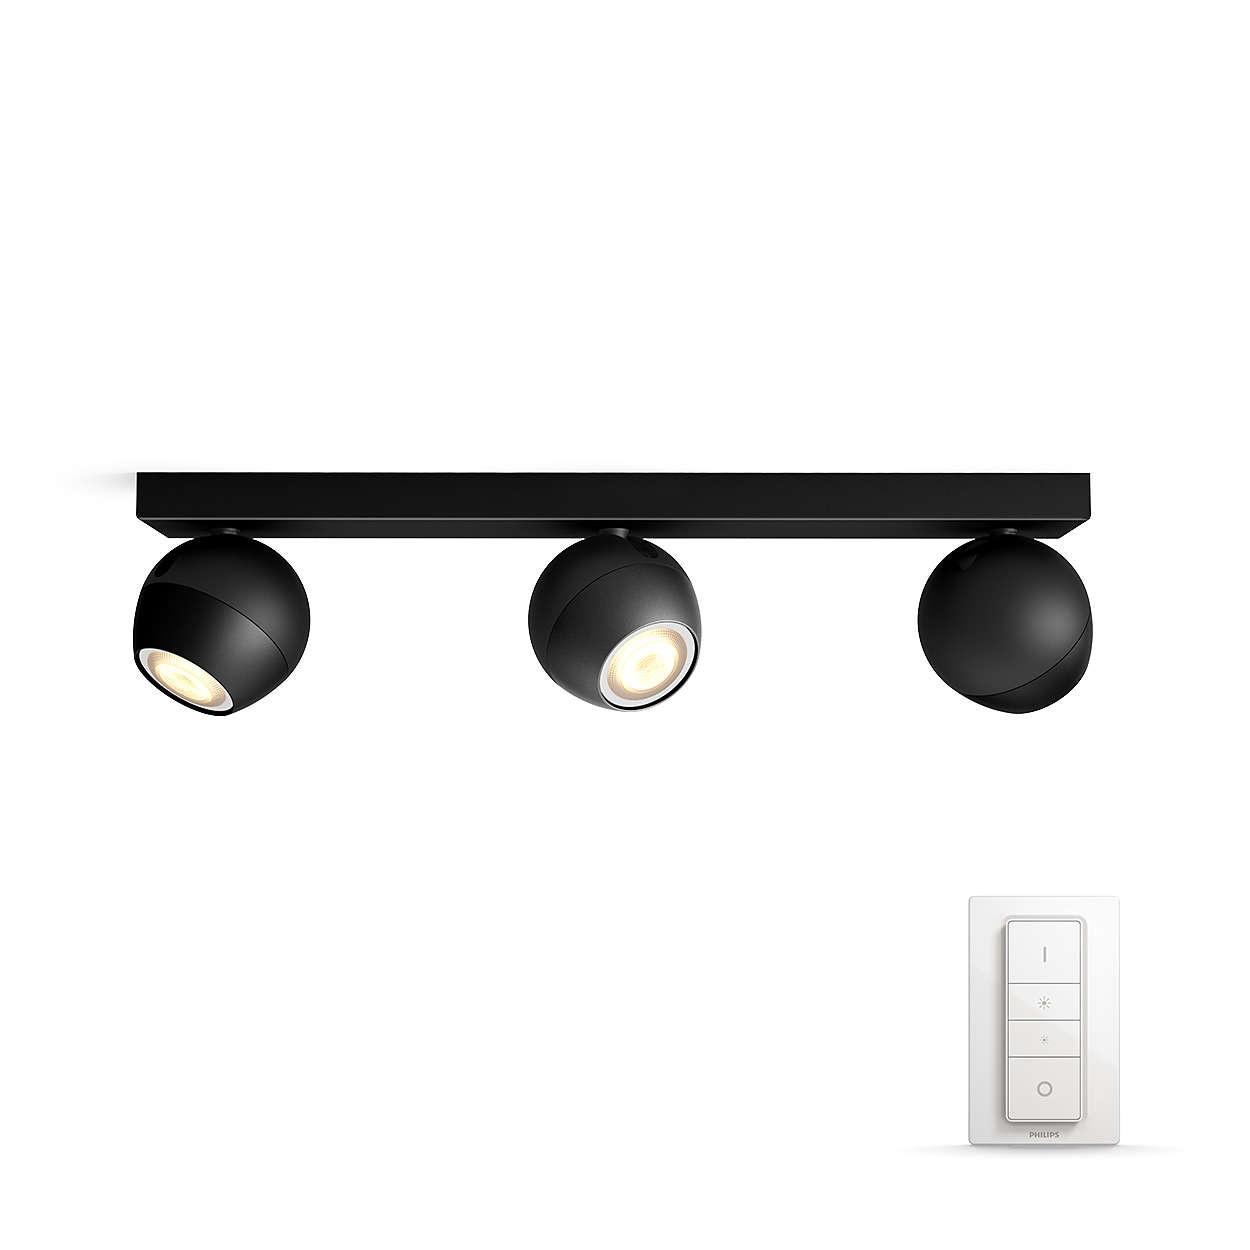 PHILIPS BUCKRAM Bodové svítidlo, Hue White ambiance, 230V, 3x5.5W GU10, Černá